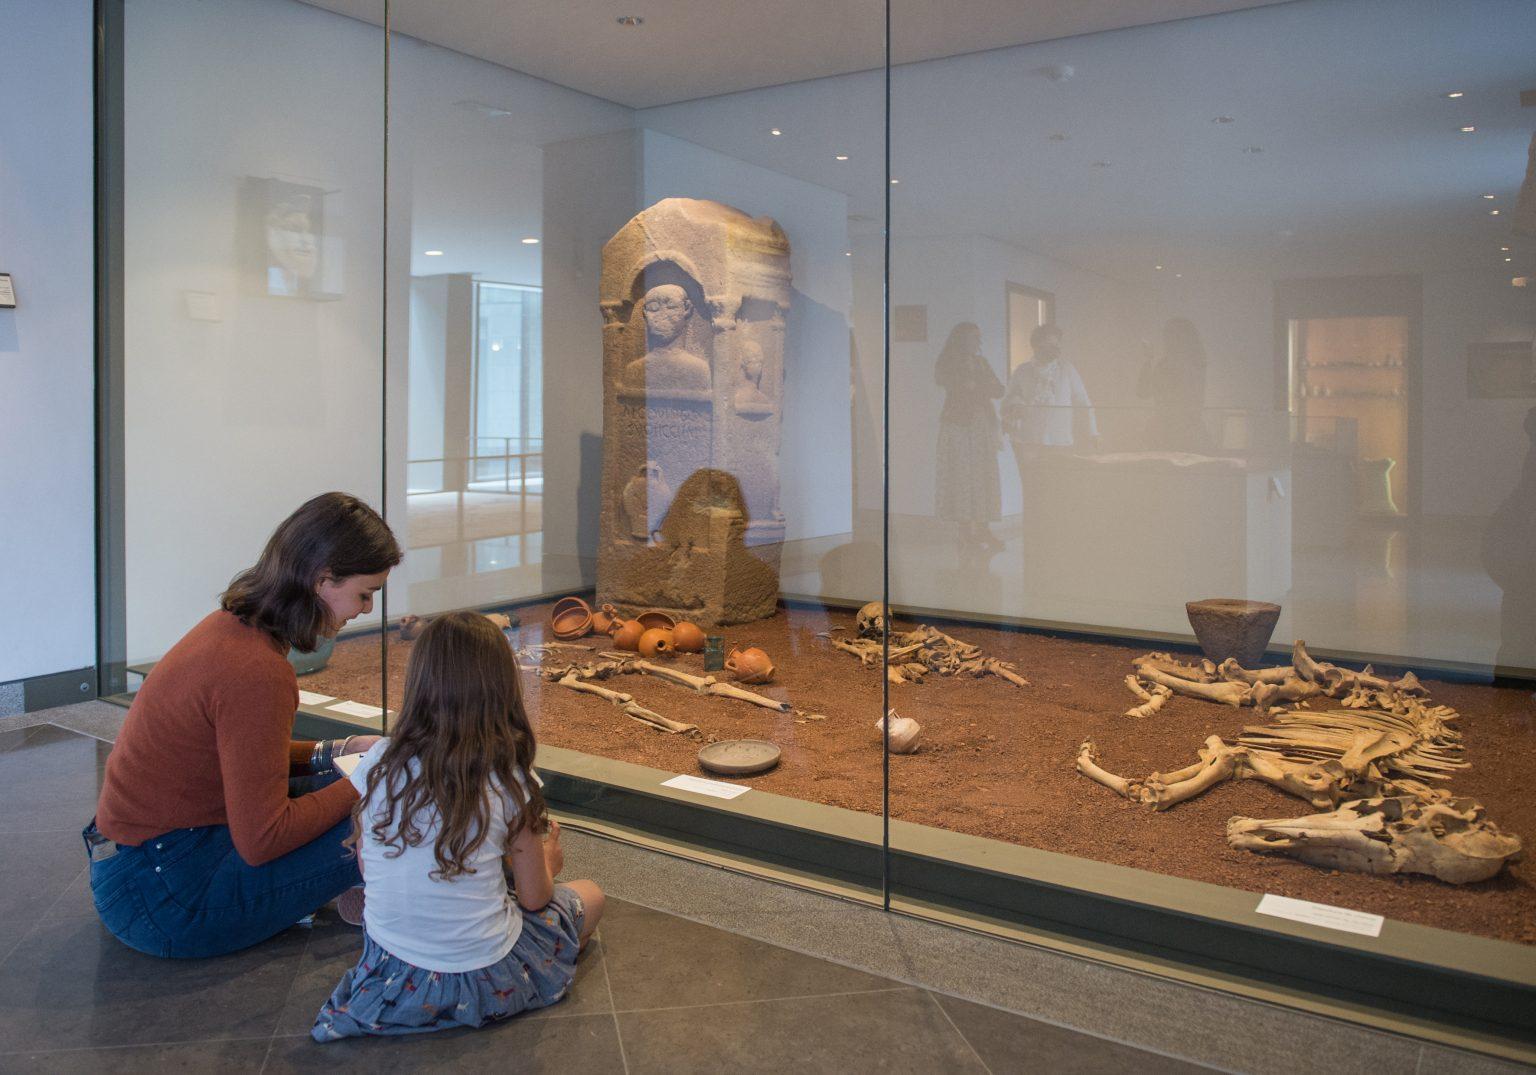 Visiter le musée en famille